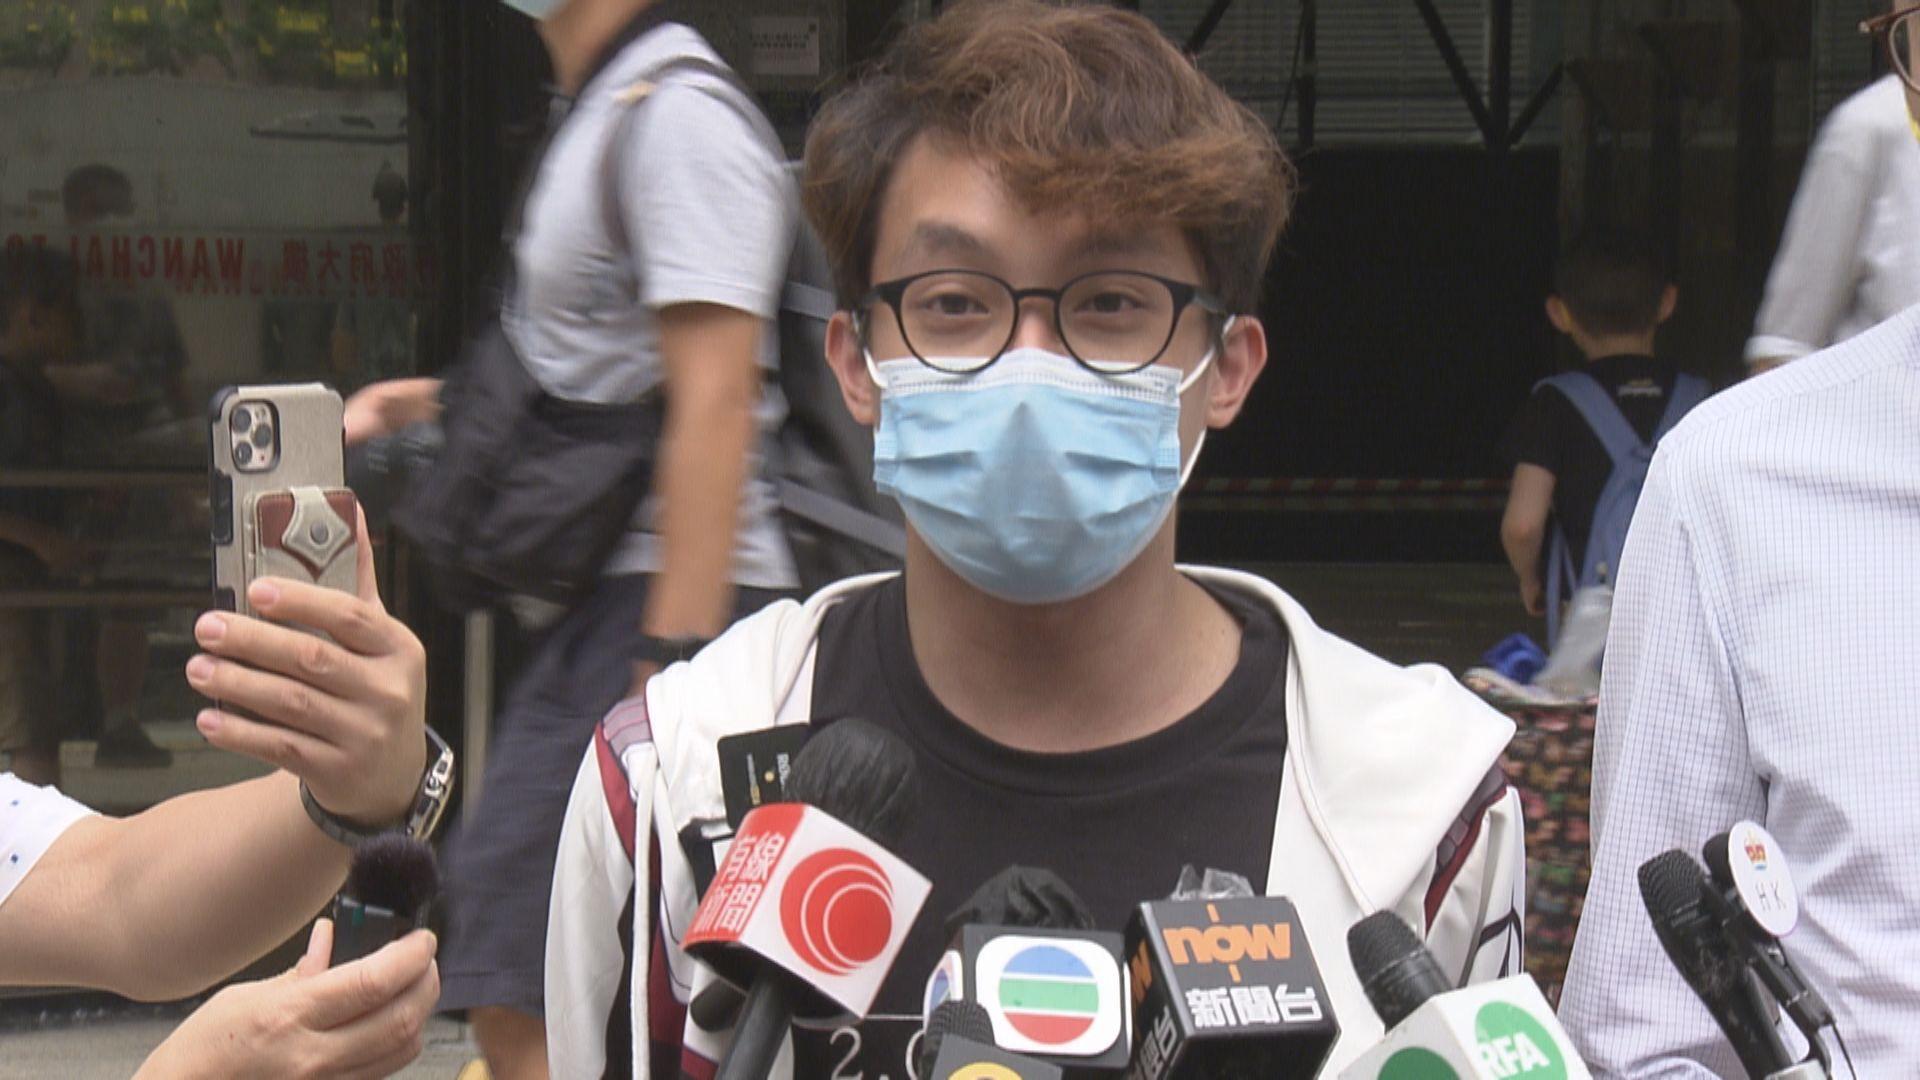 陳皓桓被控前年九月明知而參與未經批准集結 周五提堂